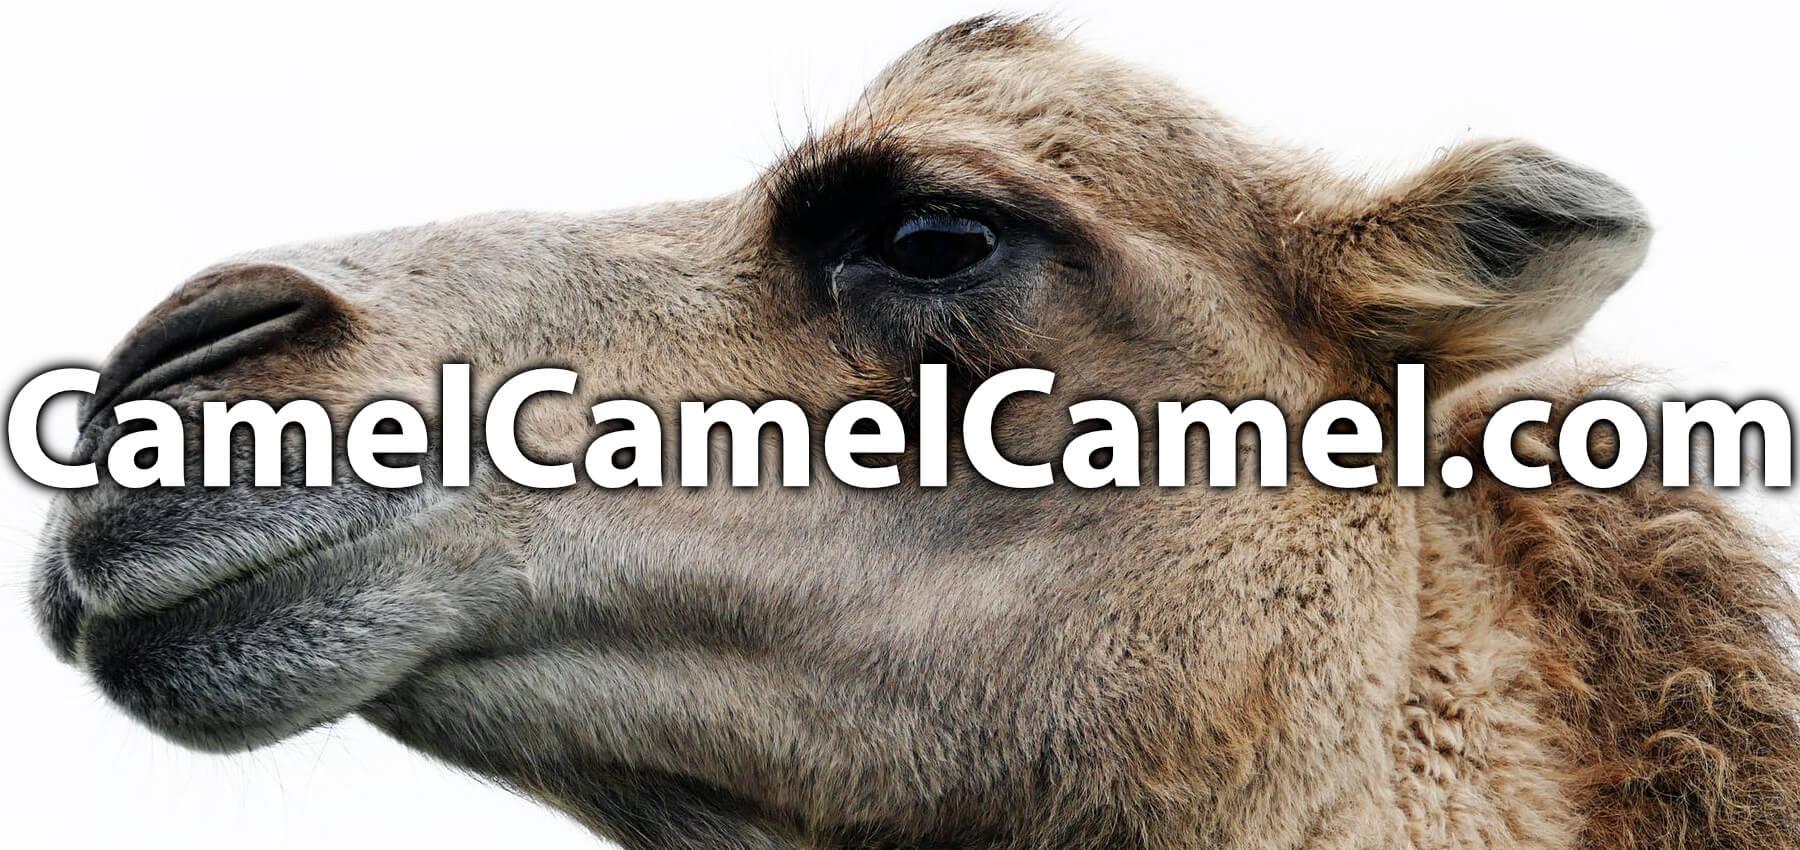 camelcamelcamel ios